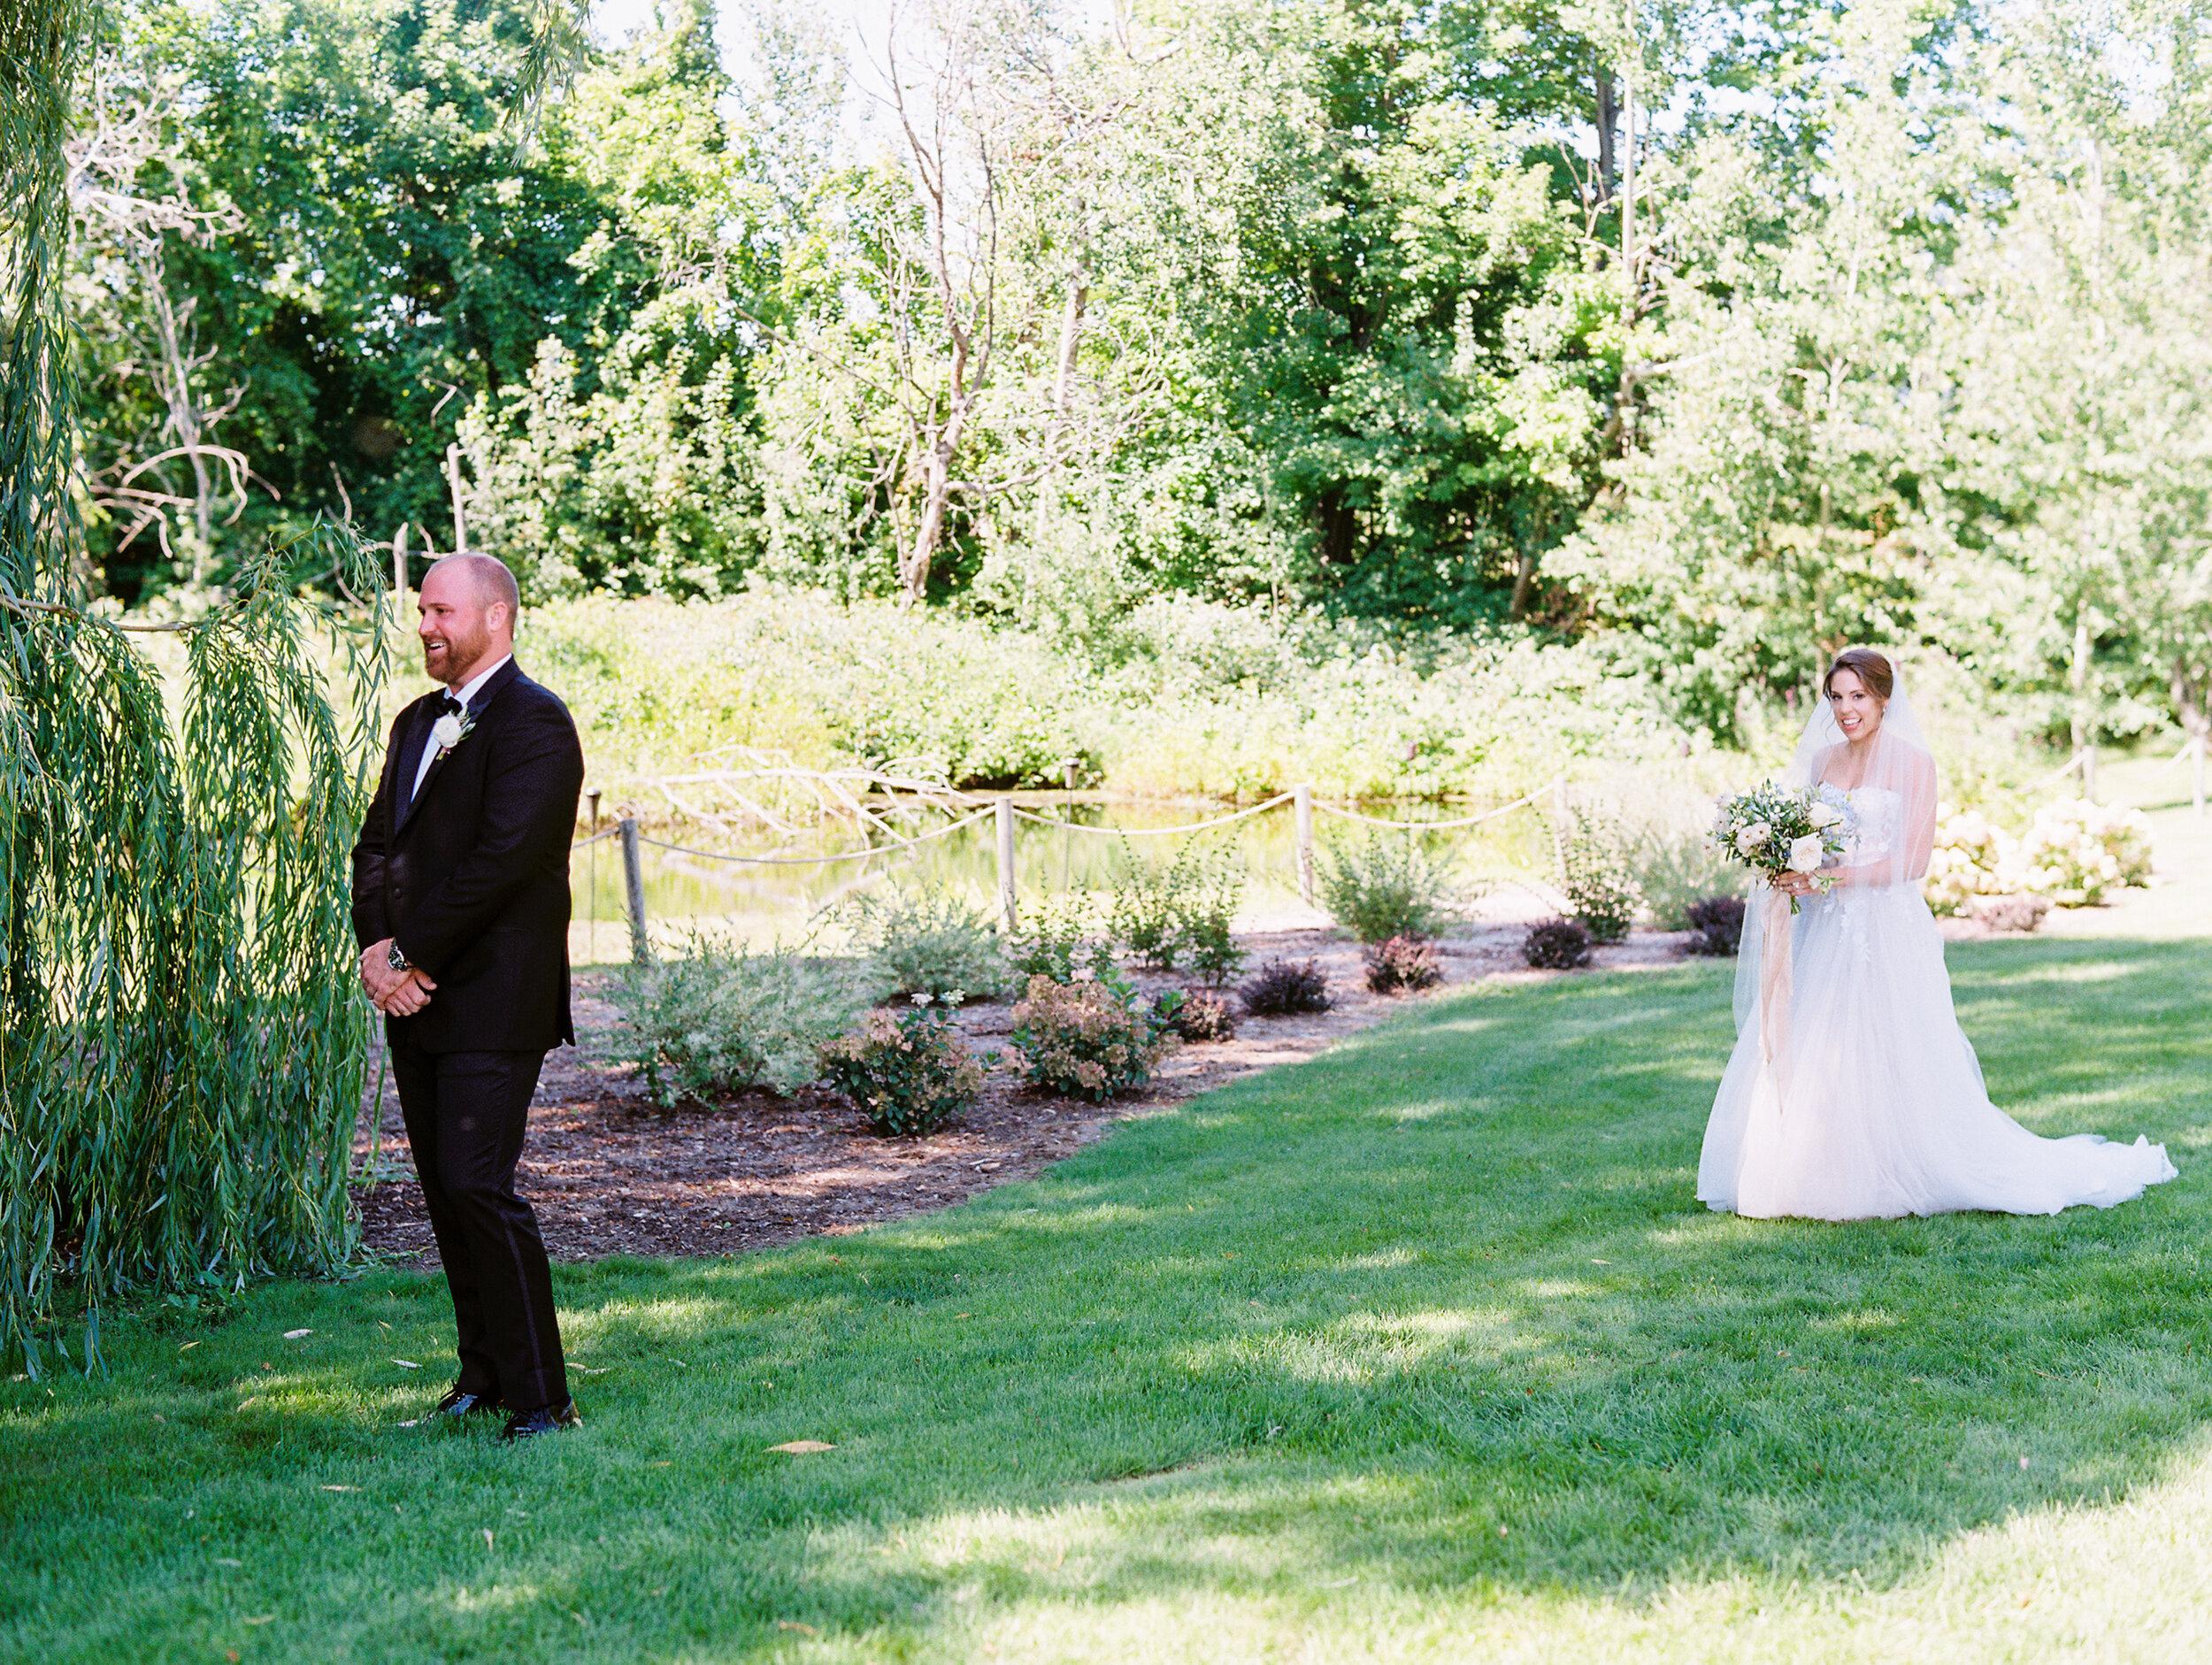 Steinlage+Wedding+First+Look-1.jpg